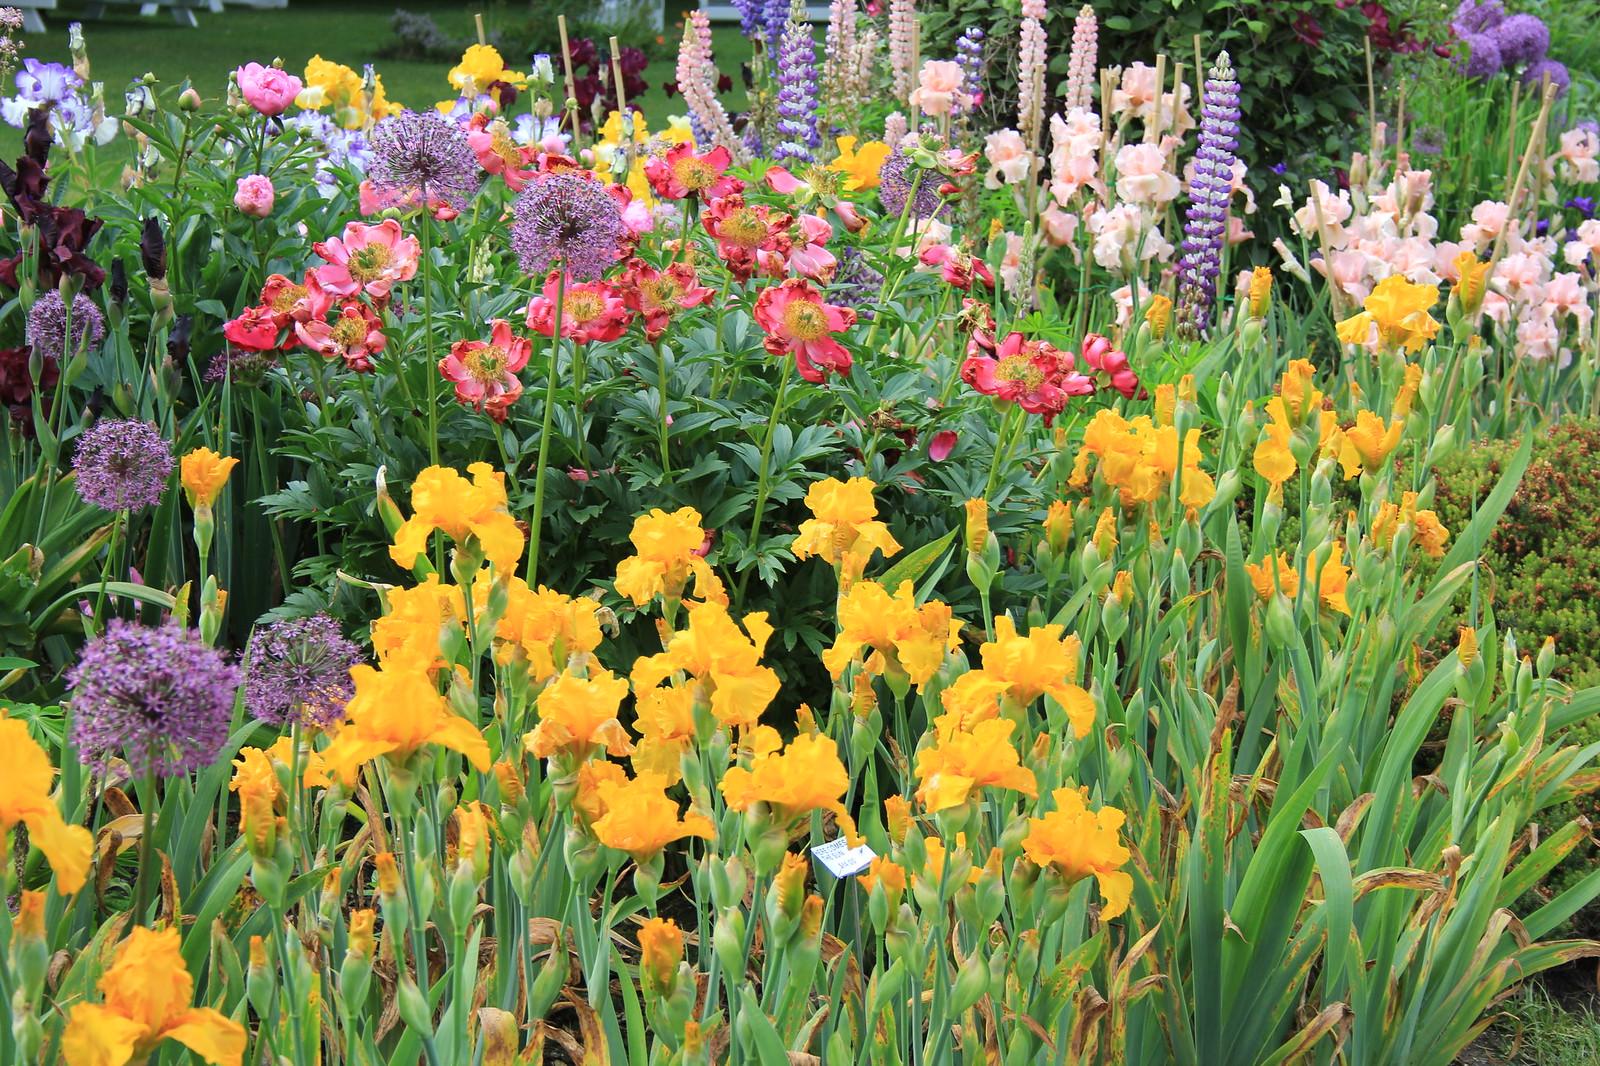 Oregon Hikers View Topic Schreiner 39 S Iris Gardens In